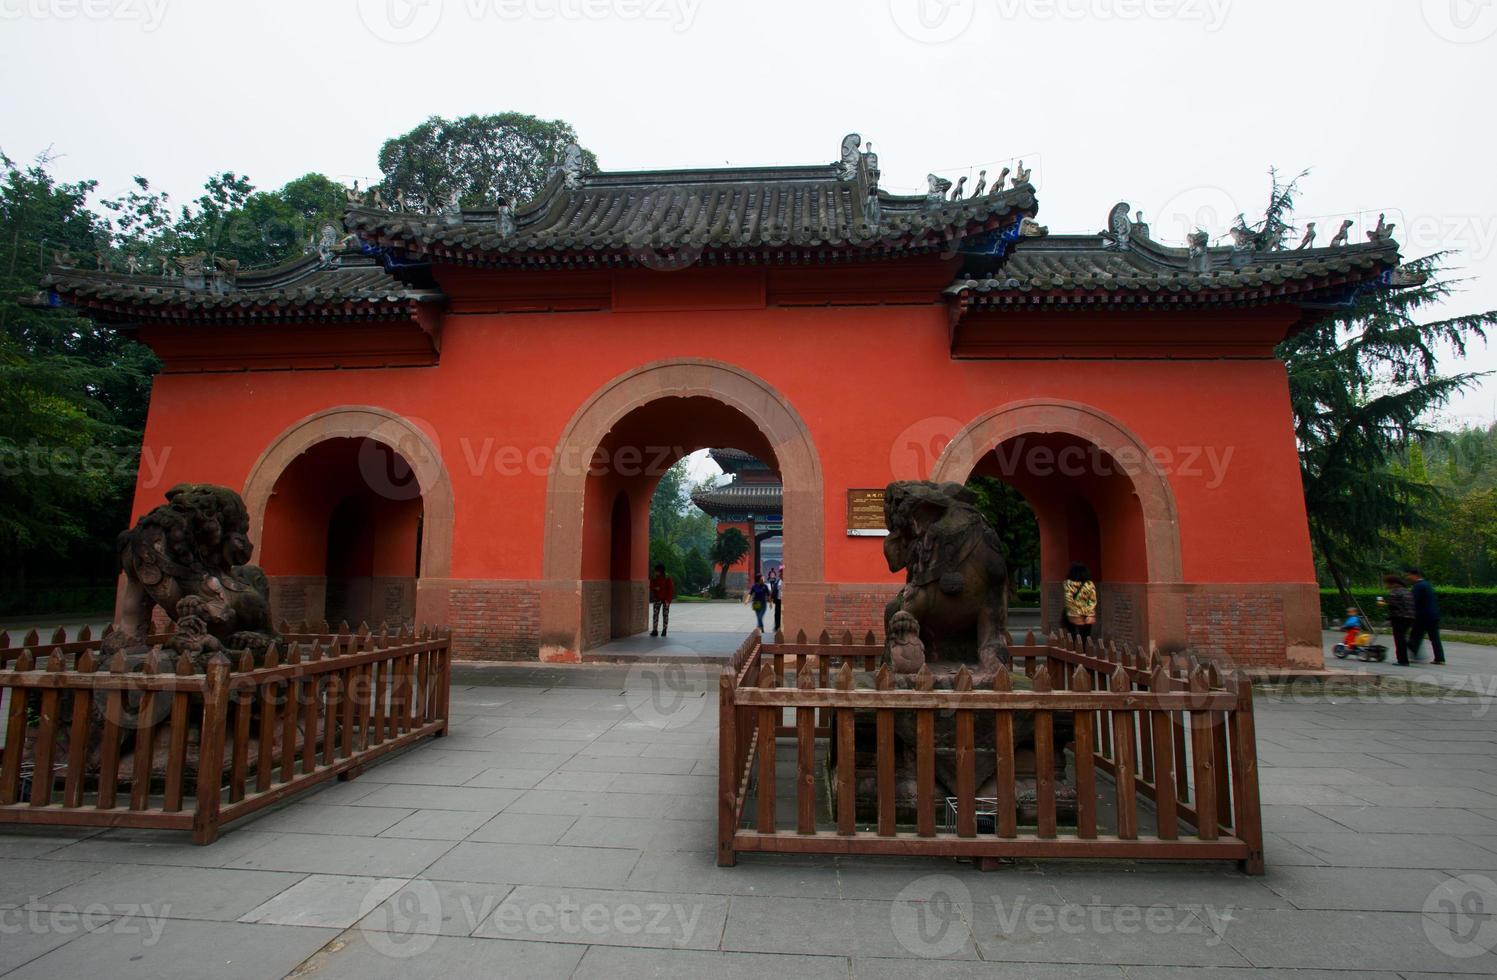 tempio di Chengdu Wuu, Cina foto